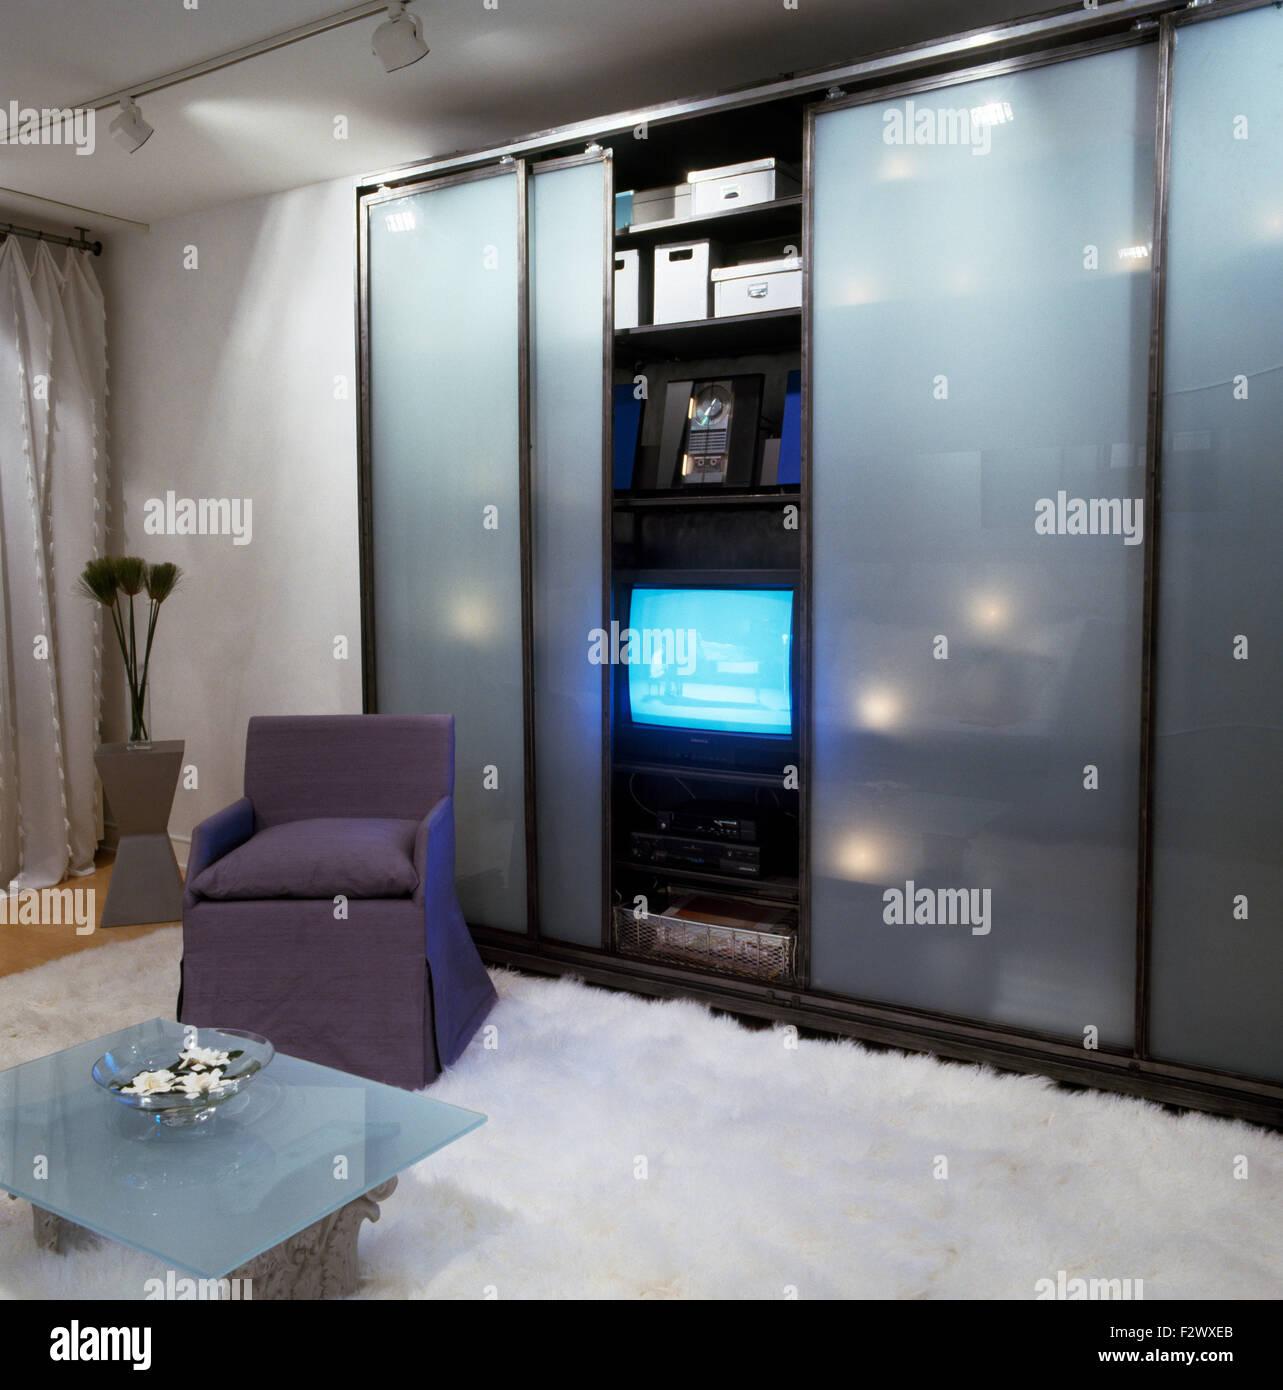 Verschiedene Fernseher Für Schlafzimmer Foto Von Milchglas Schiebetüren Schrank Mit Im Stadt Mit